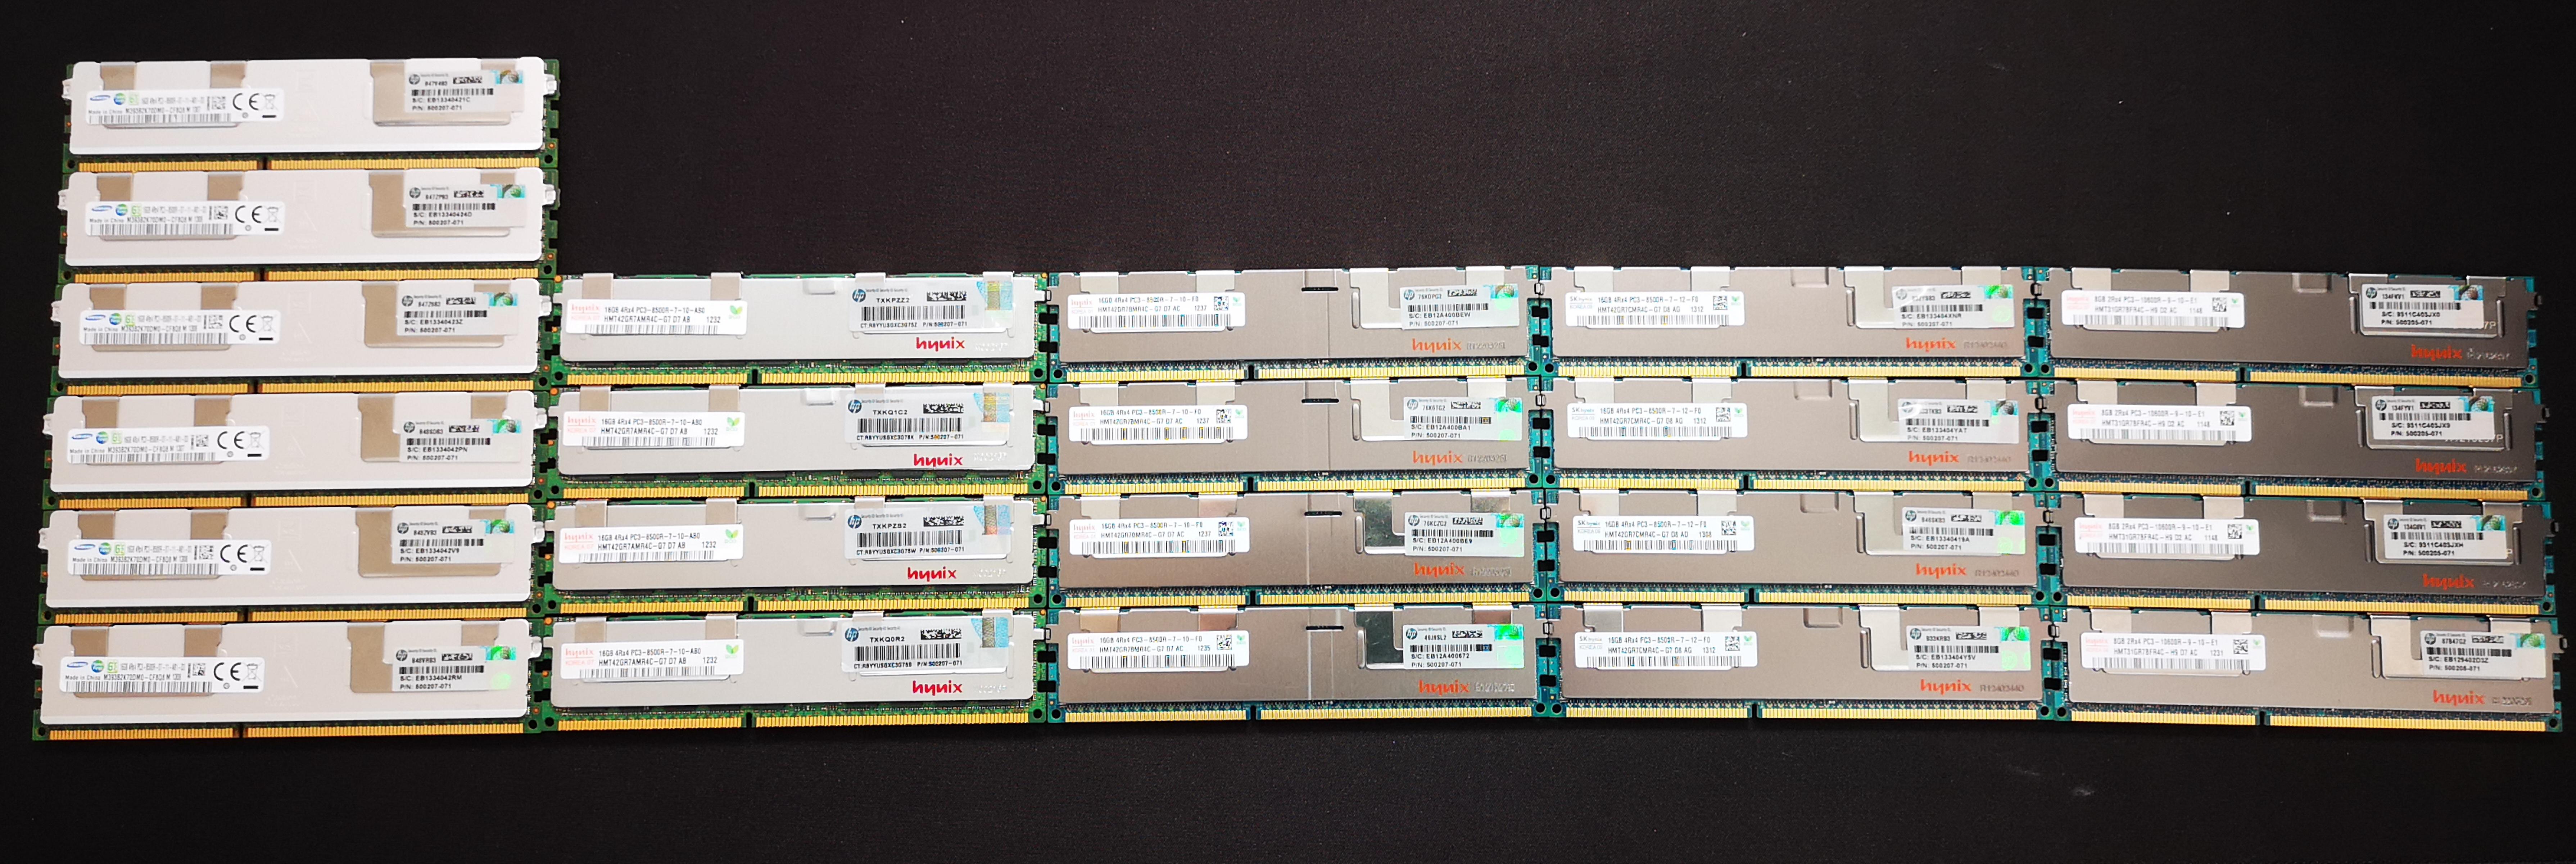 P: Predám serverové DDR3 RAM 4GB moduly